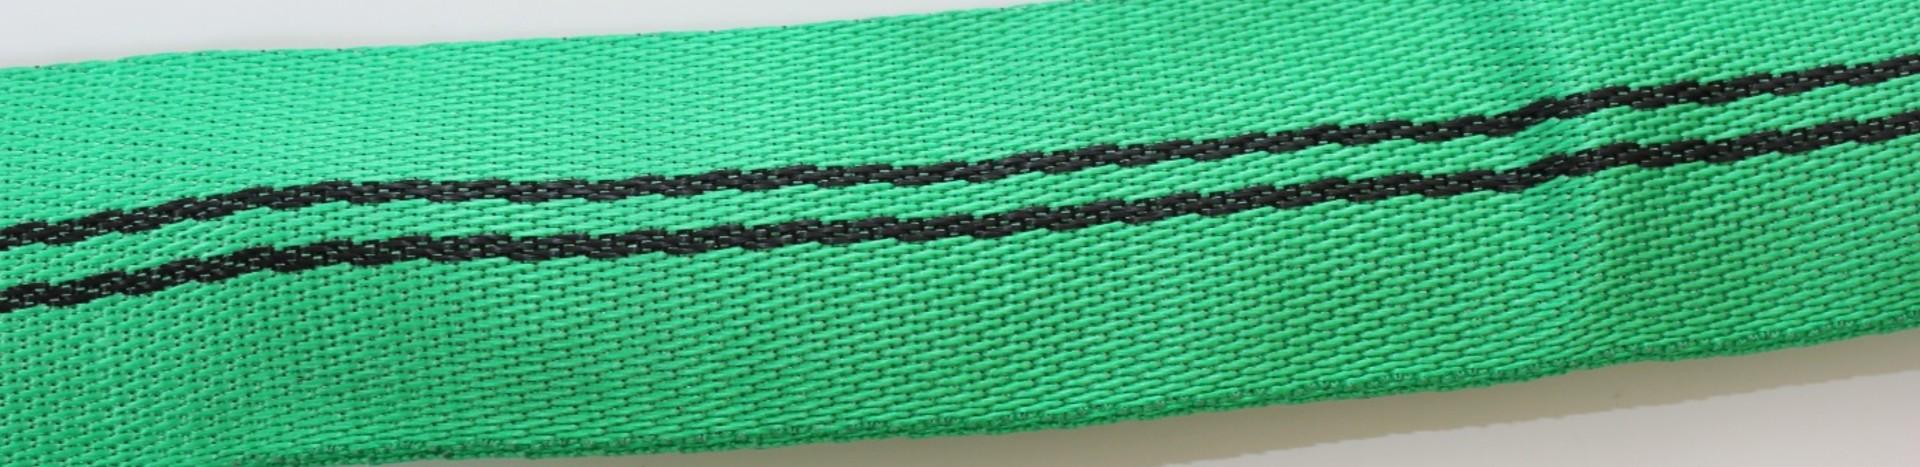 RONDSTROP slijtvaste mantel (visgraat)